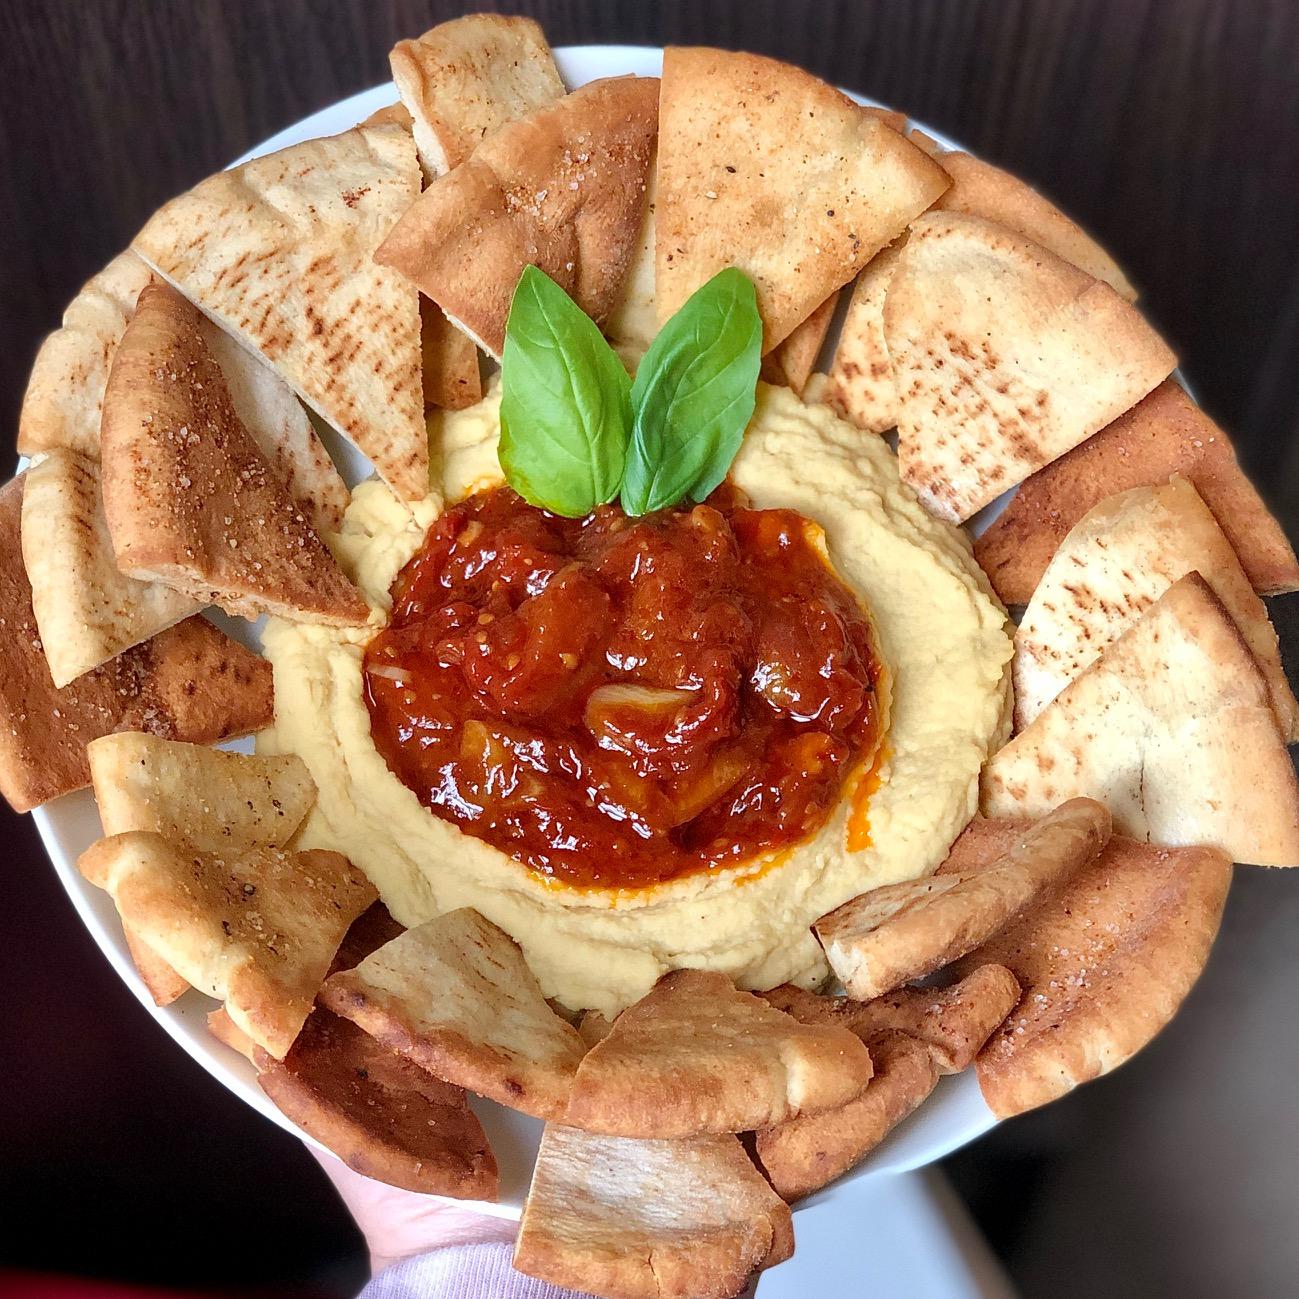 Hummus with balsamic tomato jam and pita chips